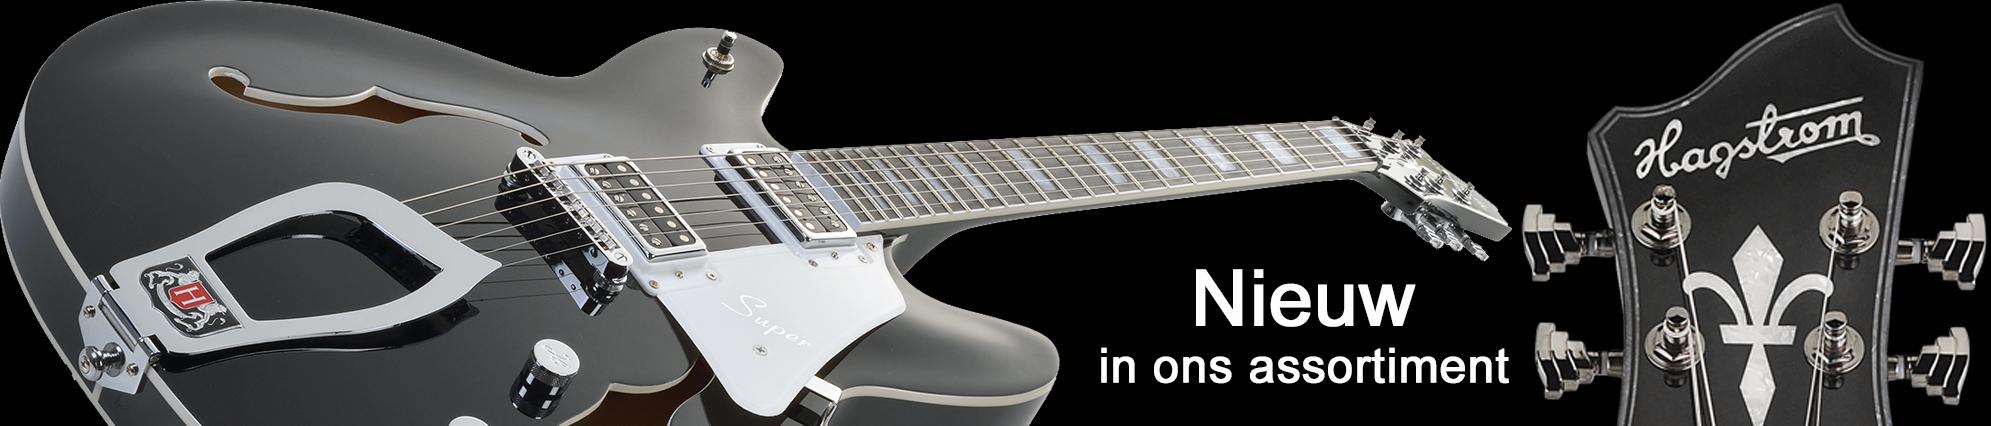 Muziekwinkel specialist in gitaren, versterkers en toetsen banner 3